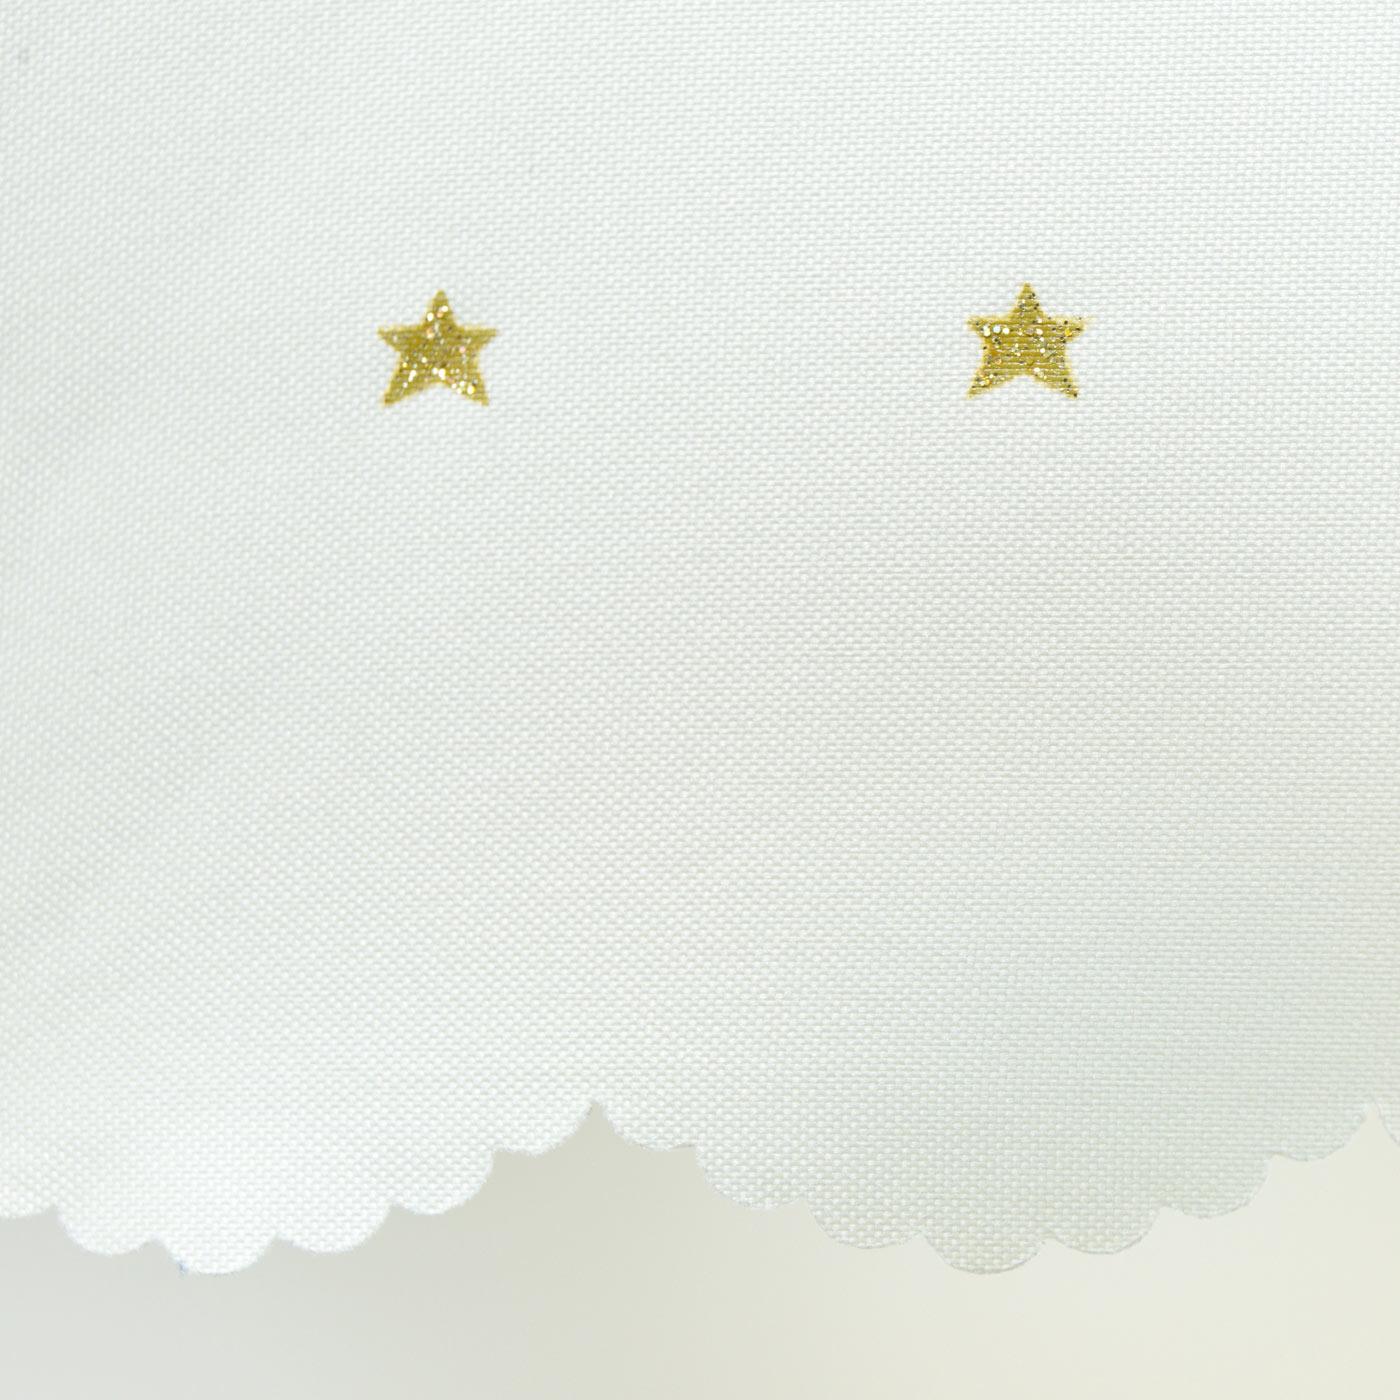 上品なスカラップと星プリント。